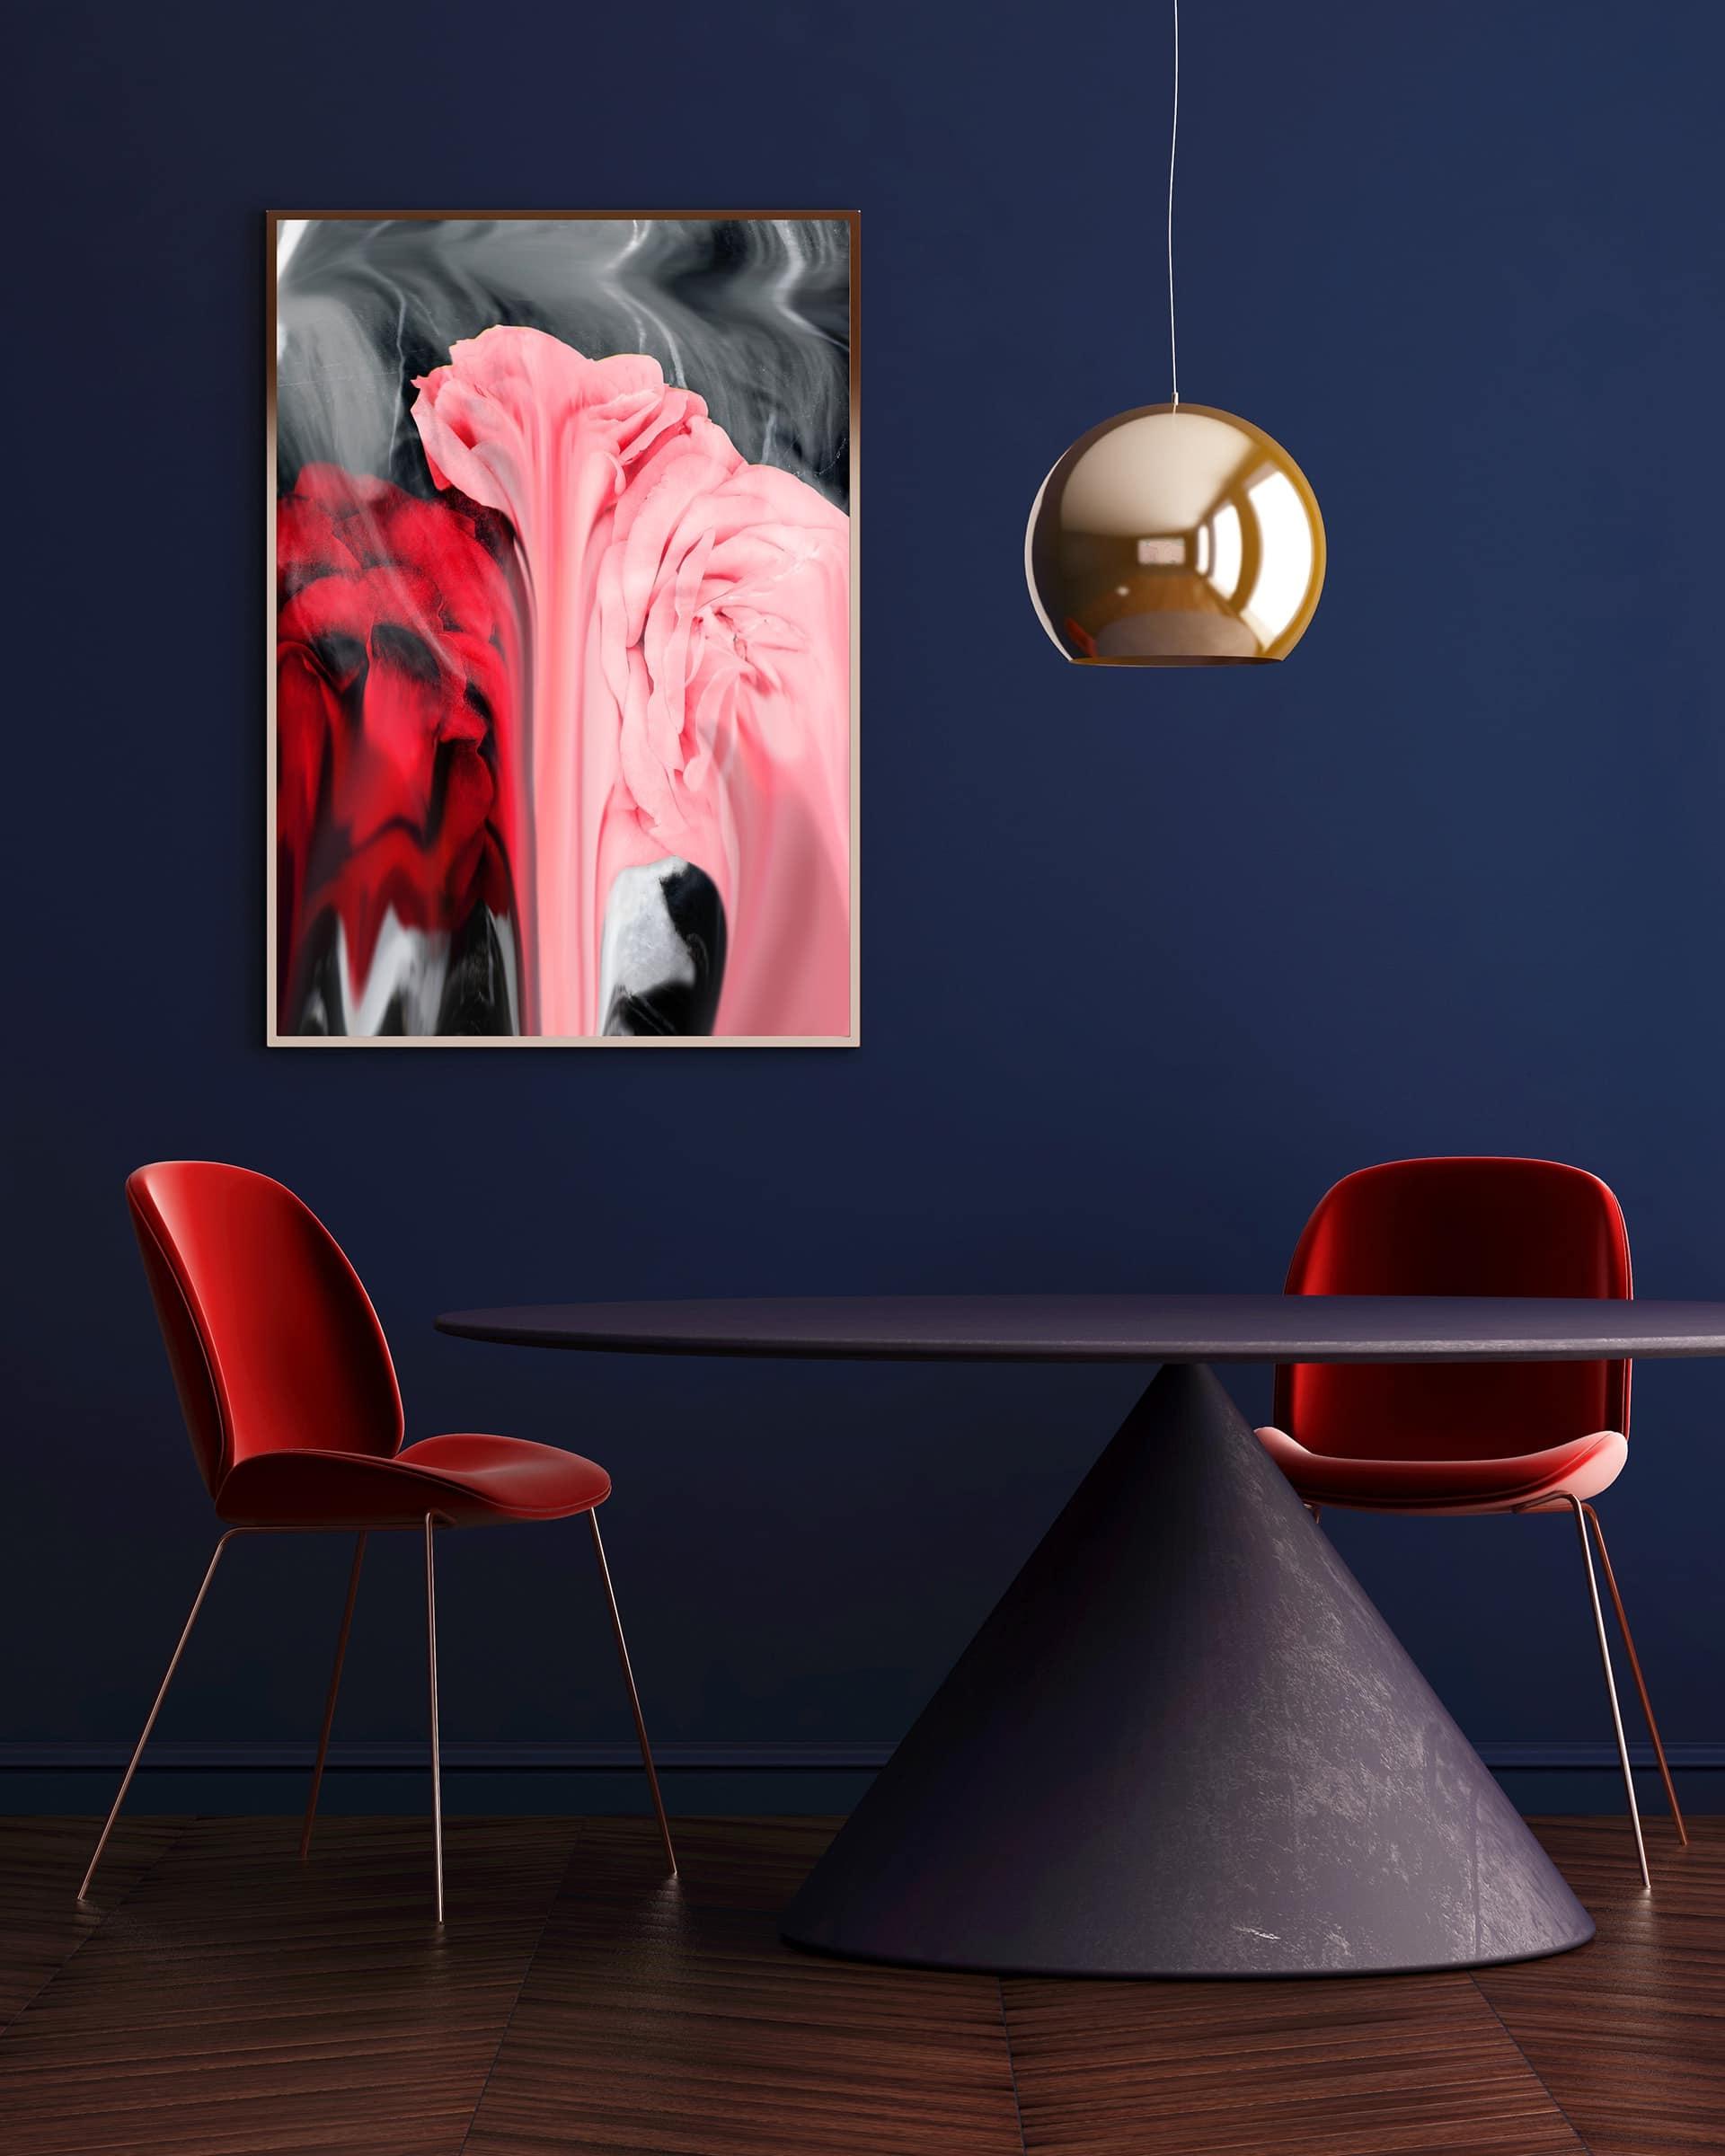 Un autre bon exemple de bleu et de rouge. L'accent est ici sur la table inhabituelle.